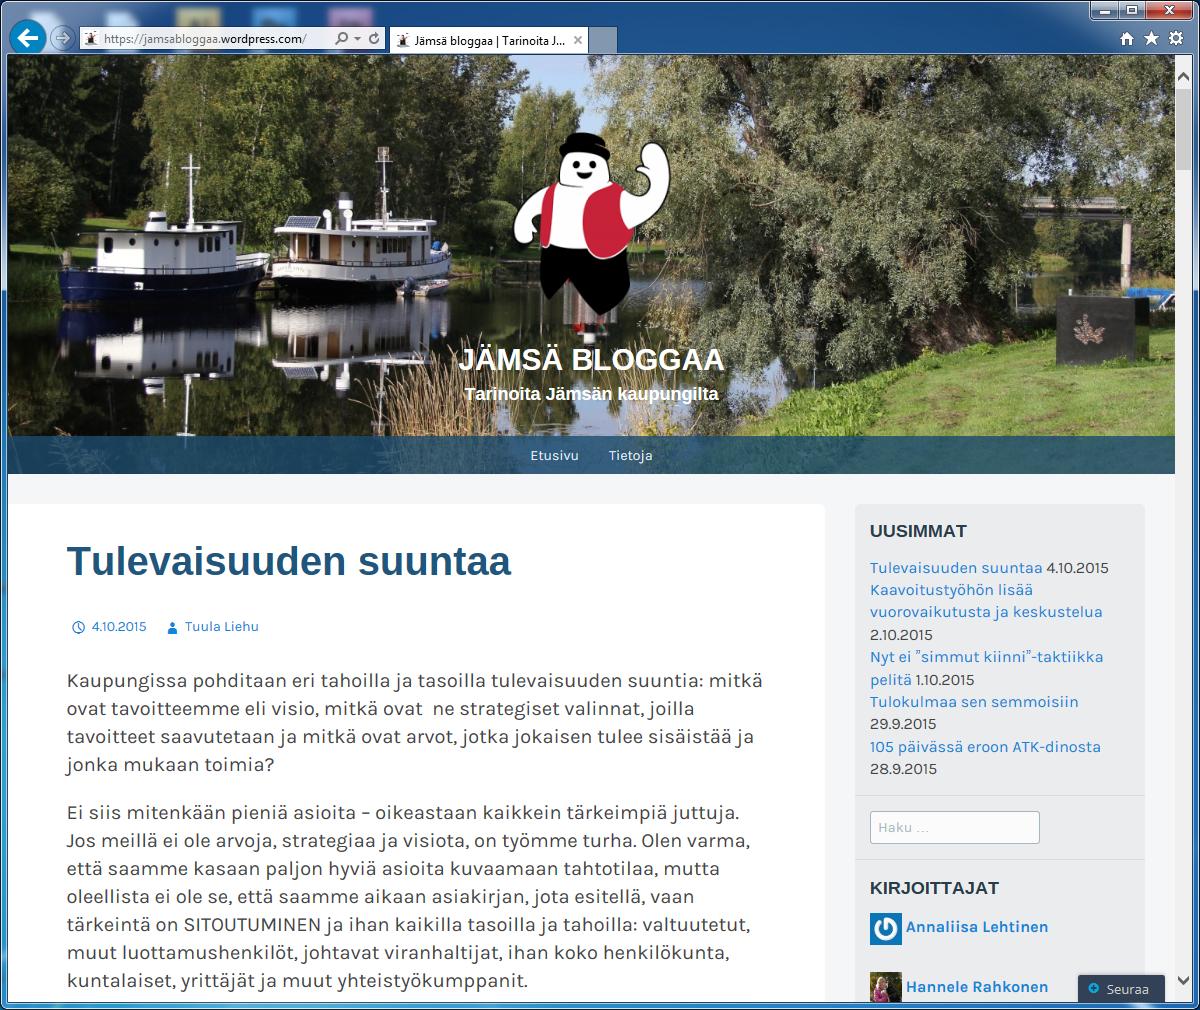 Lähde: Jämsän kaupunki, kuvakaappaus Jämsä bloggaa -blogin etusivulta 5.10.2015.